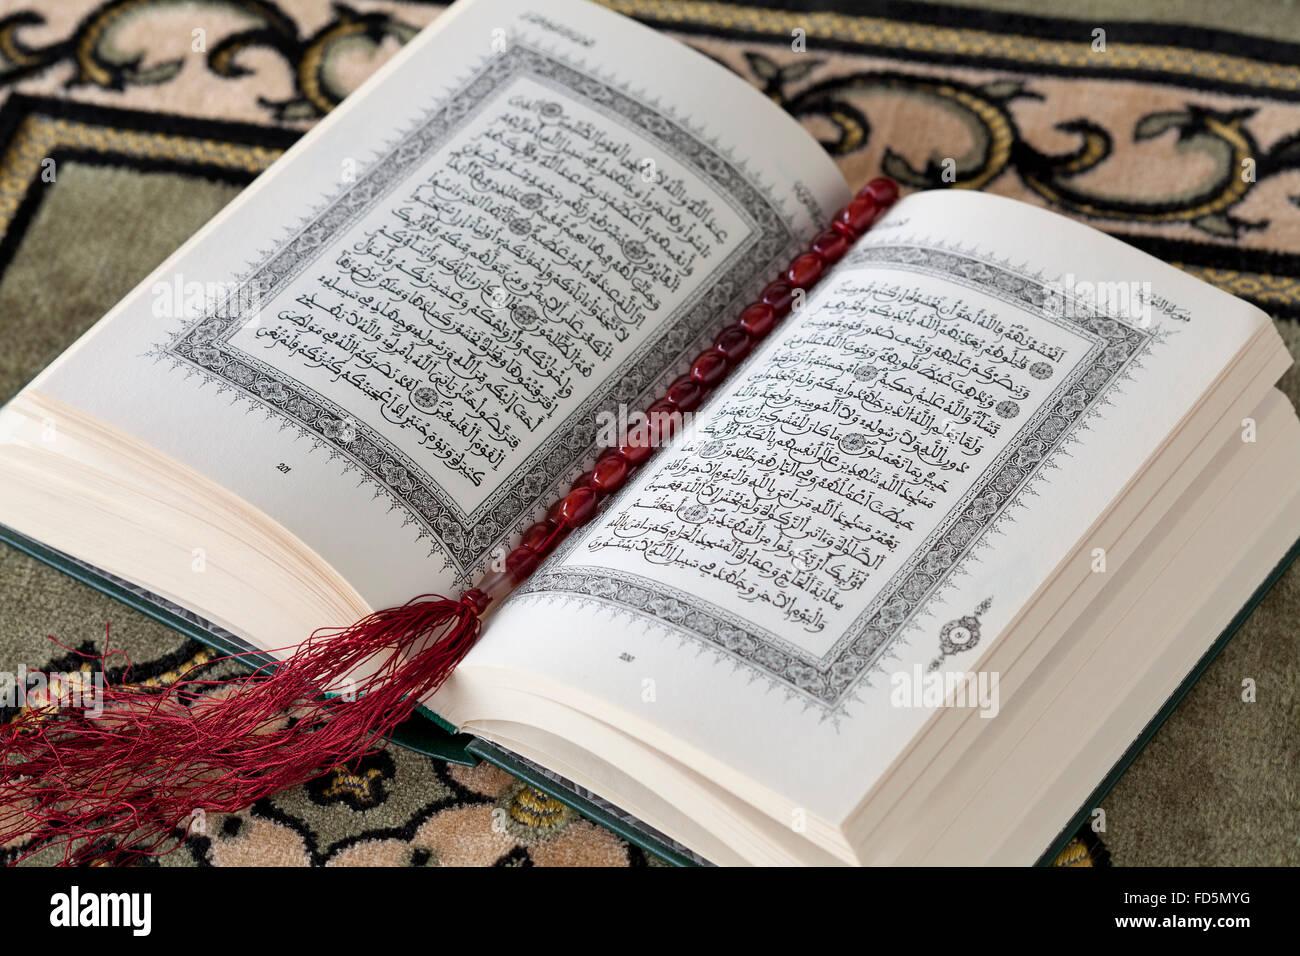 Aprire il libro del Corano e la preghiera i talloni su una moquette Immagini Stock